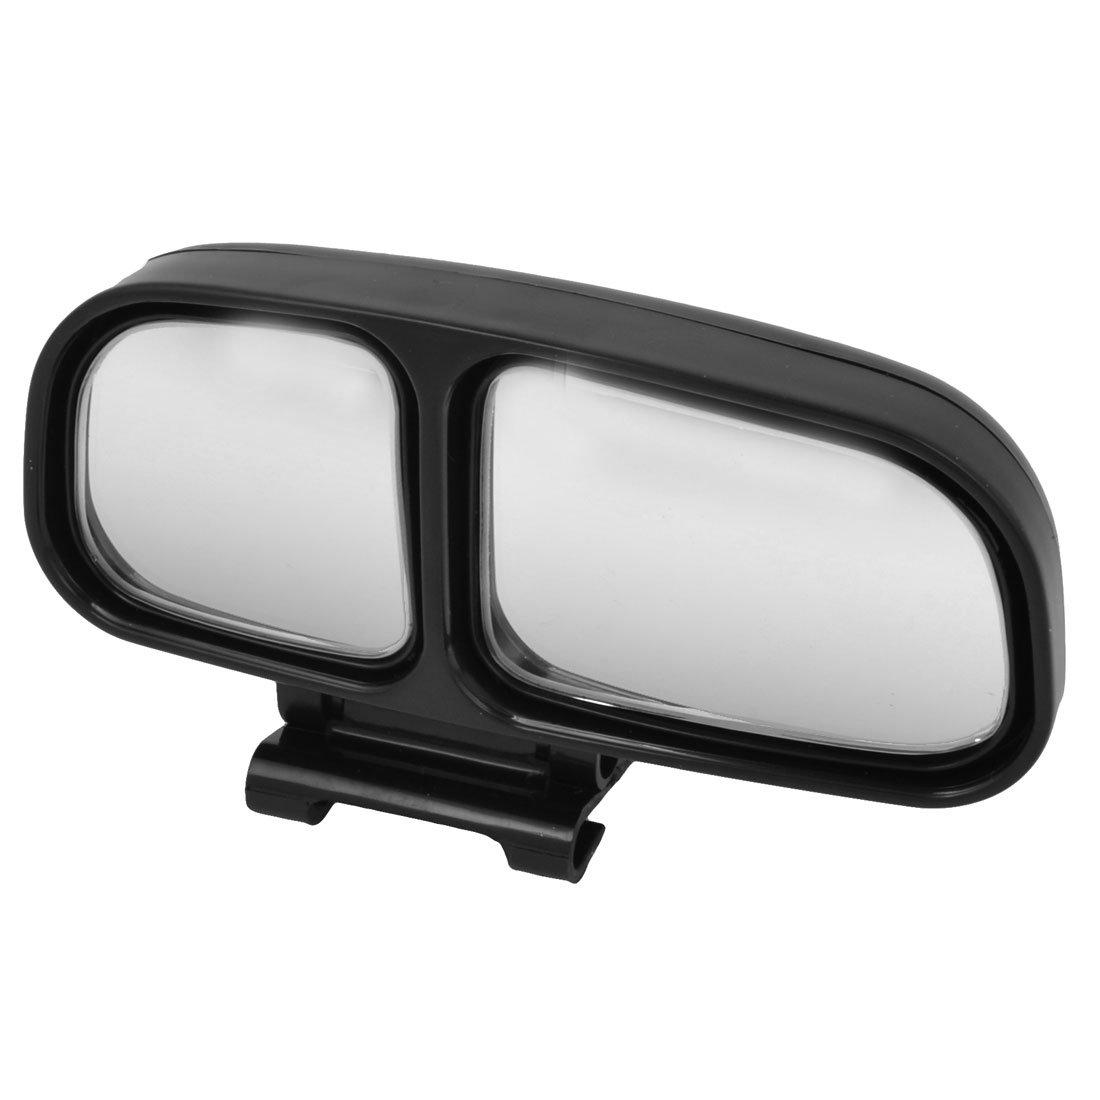 sourcingmap de Coche Camió n Derecho Retrovisor Doble Espejo de Punto Ciego Negro a14051200ux0515